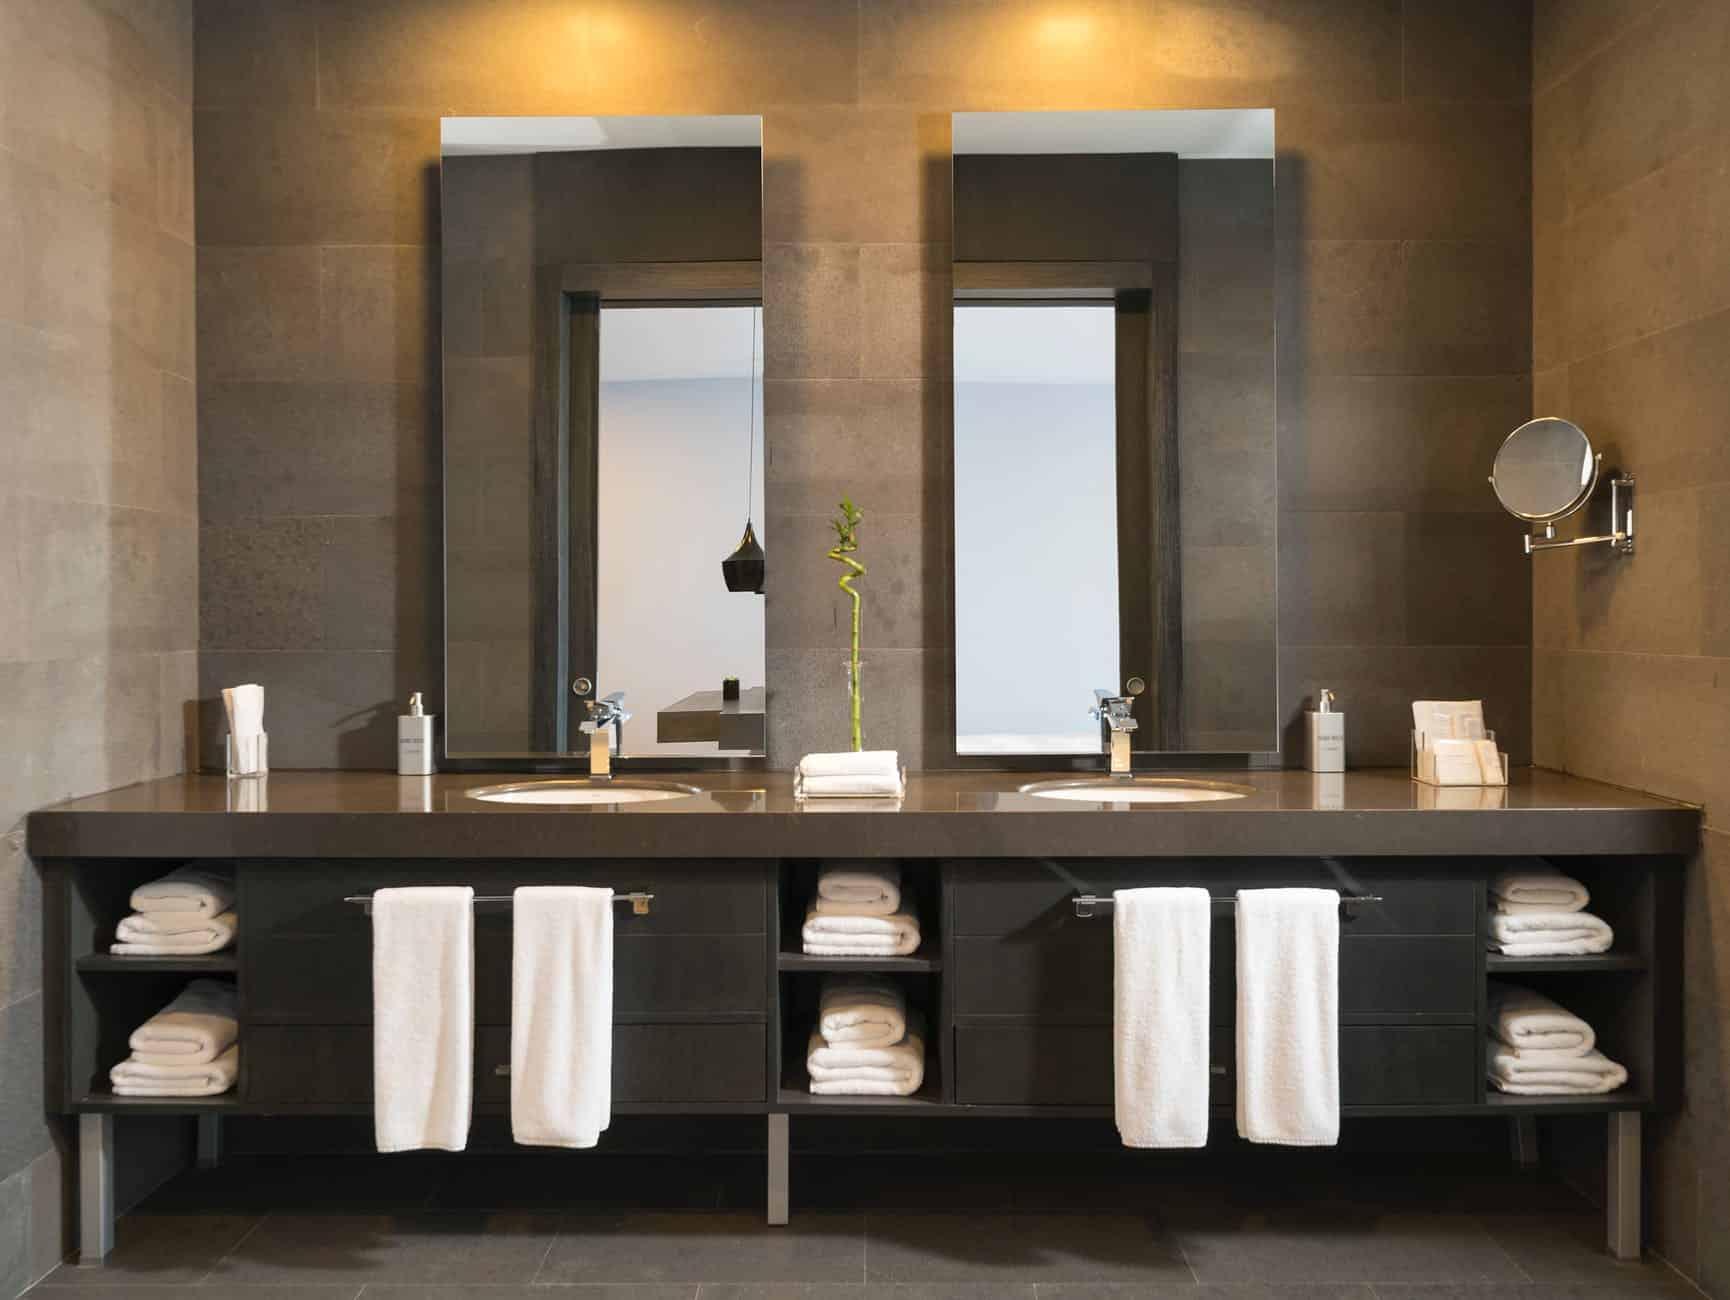 Badezimmer modern gestalten mit naturmaterialien und glas for Badezimmer trends 2015